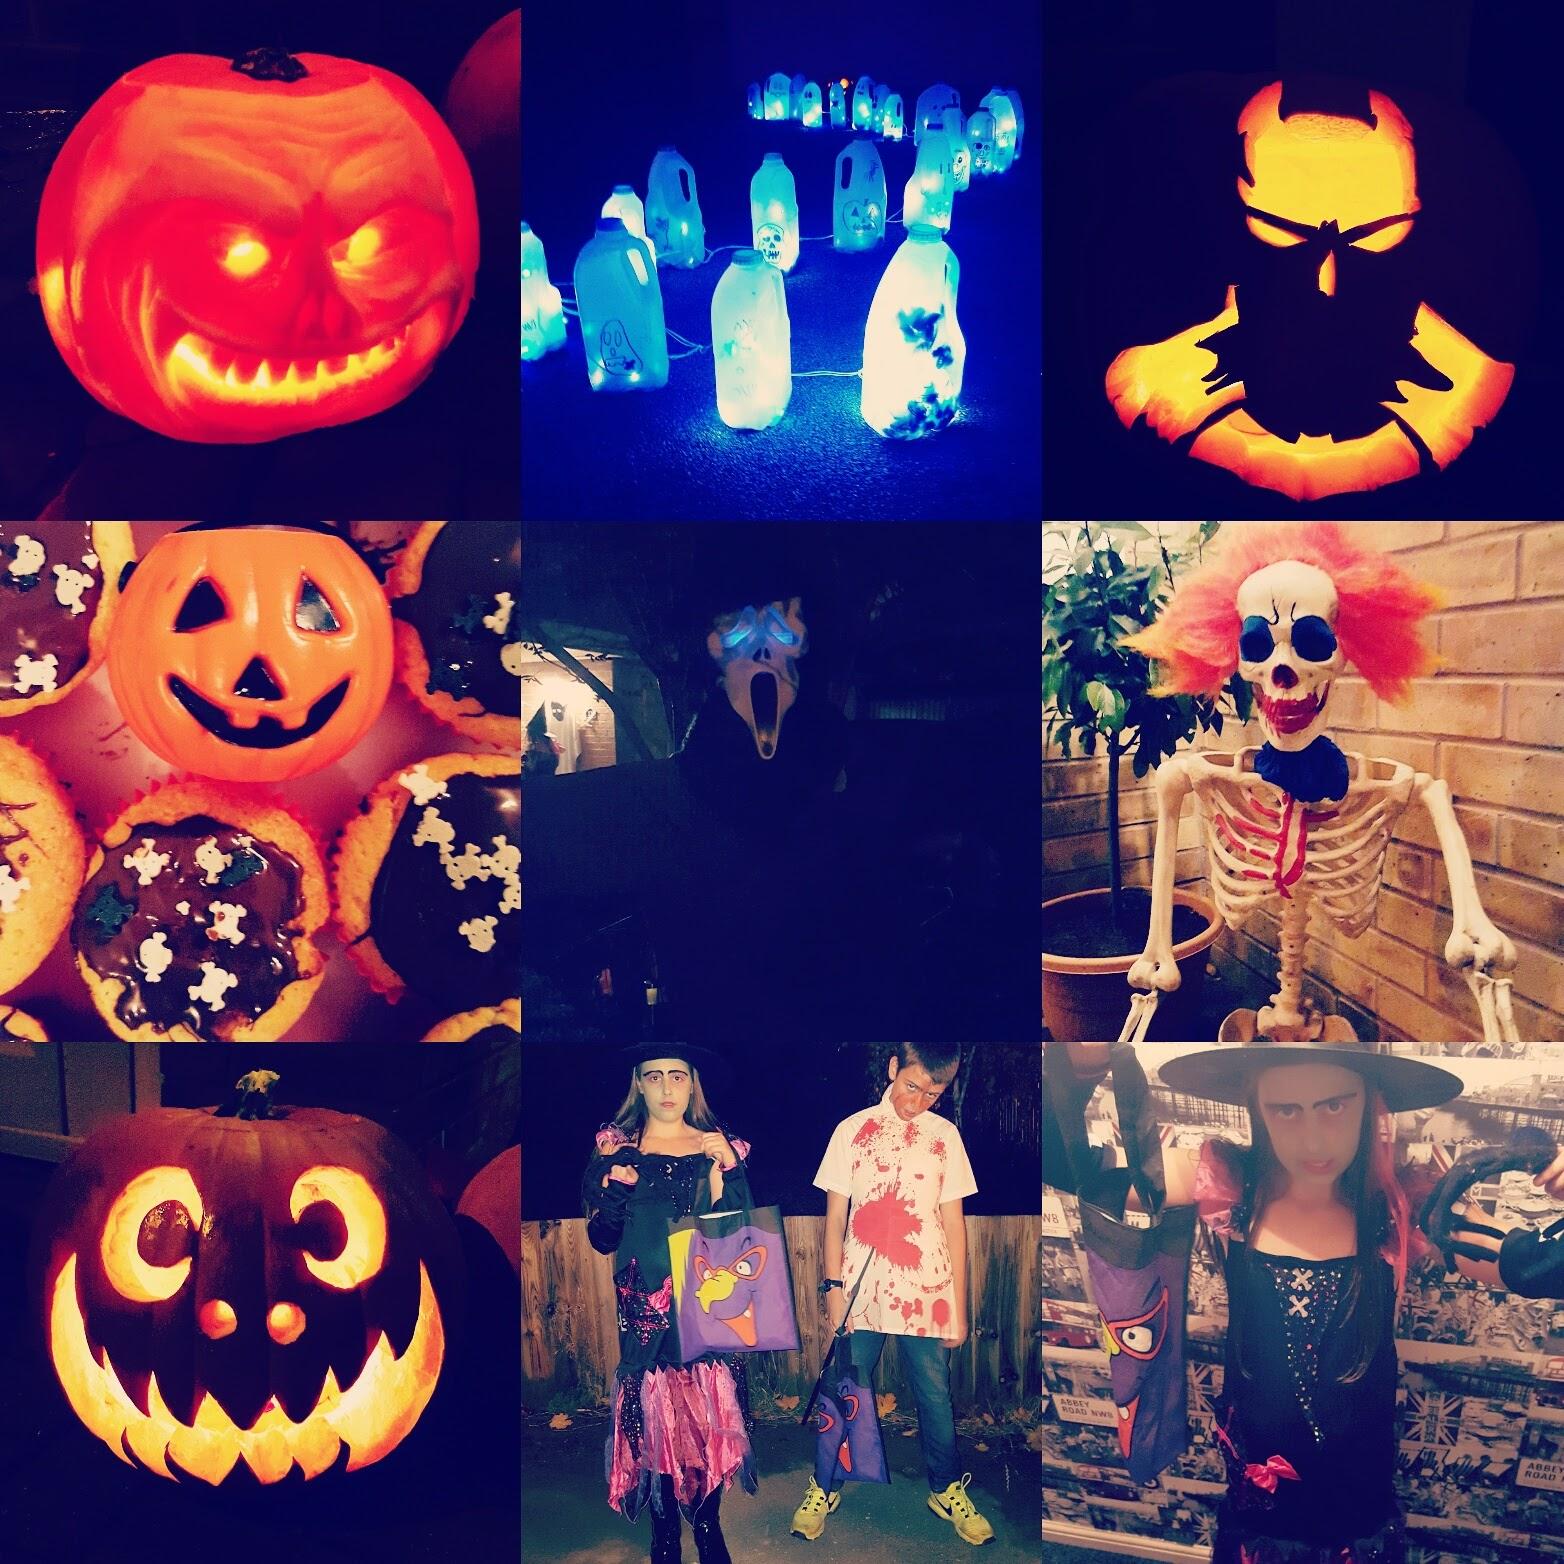 Halloween Fun: Some Fun Halloween Posts